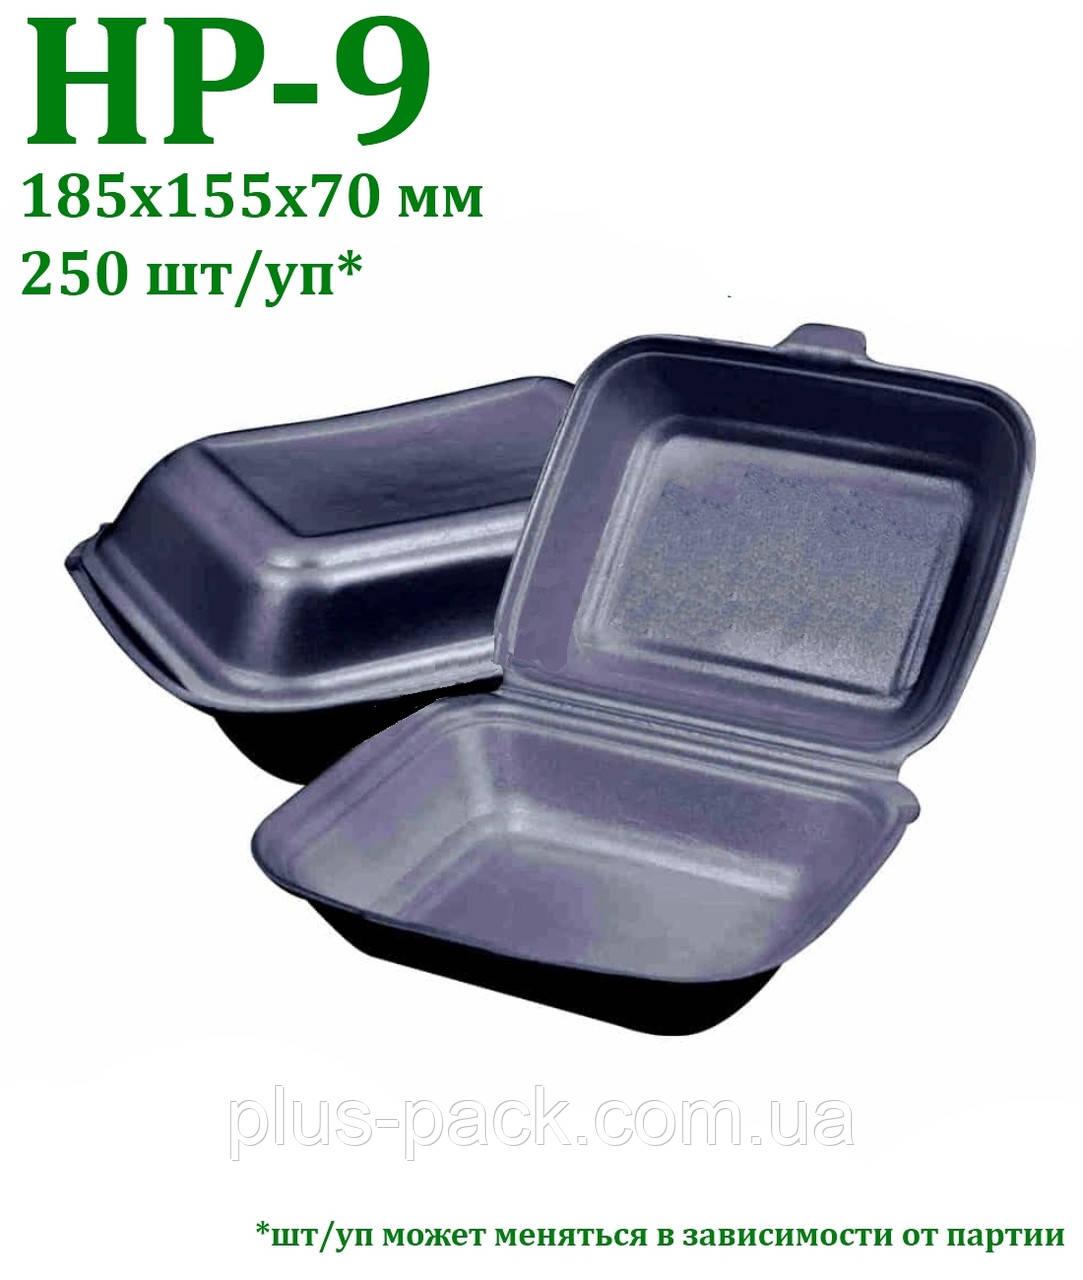 Одноразовая упаковка ланч-бокс НВ-9 черный, 250шт/уп